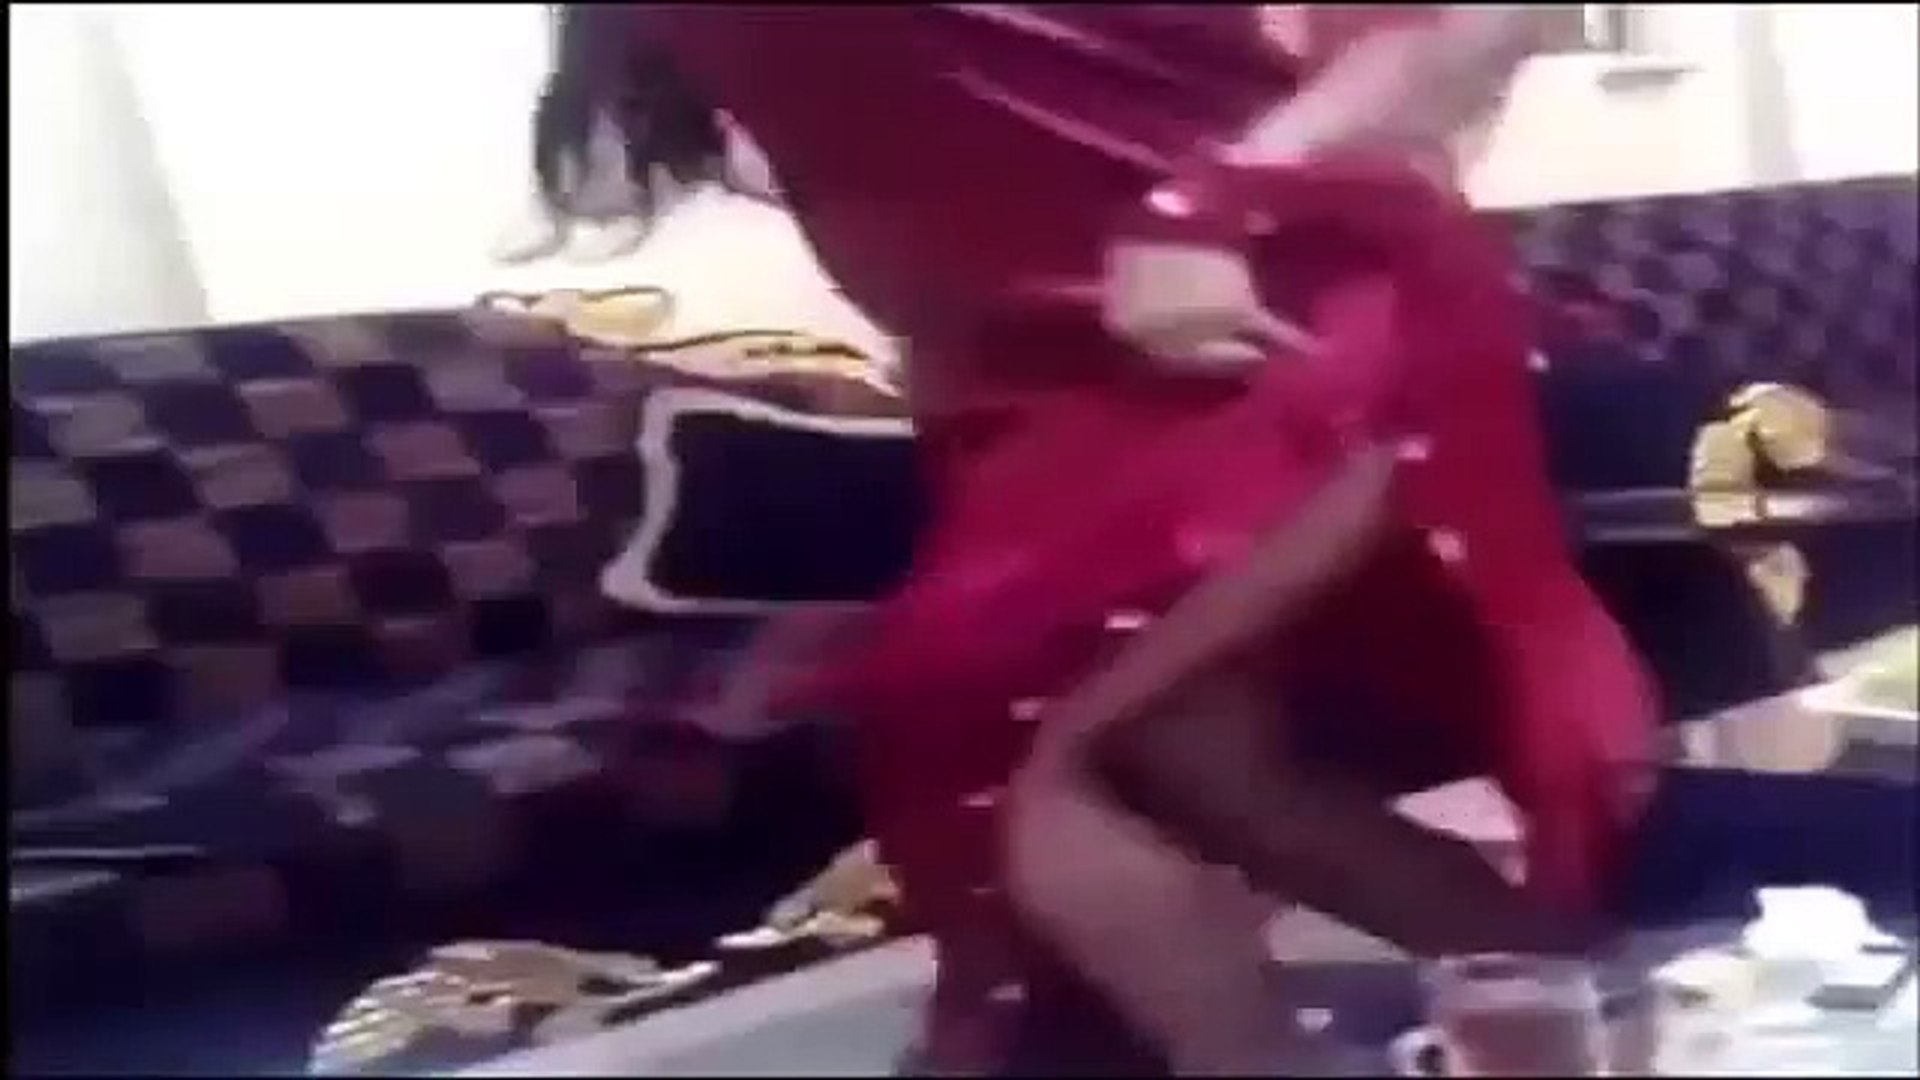 رقص كيك اثارة جنسية رقص كيك سافل رقص بملابس خليعة رقص كيك keek رقص خليجي بدون ملابس